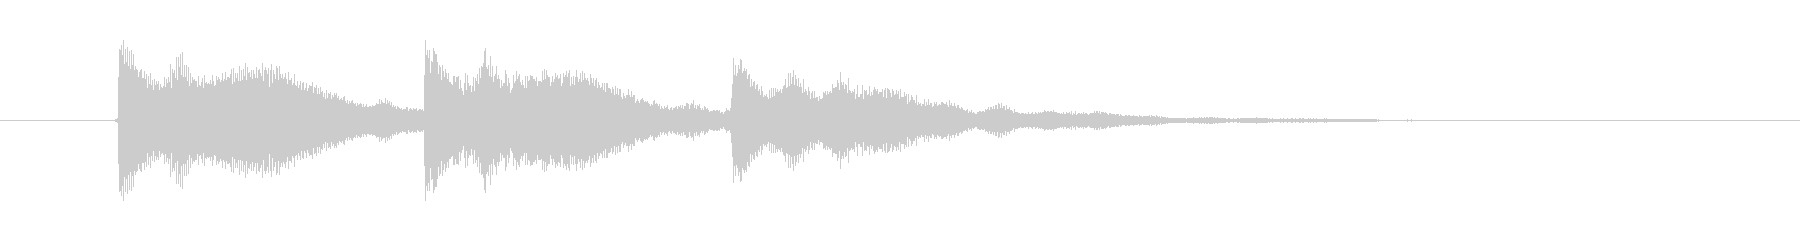 不穏なシンセ音の未再生の波形